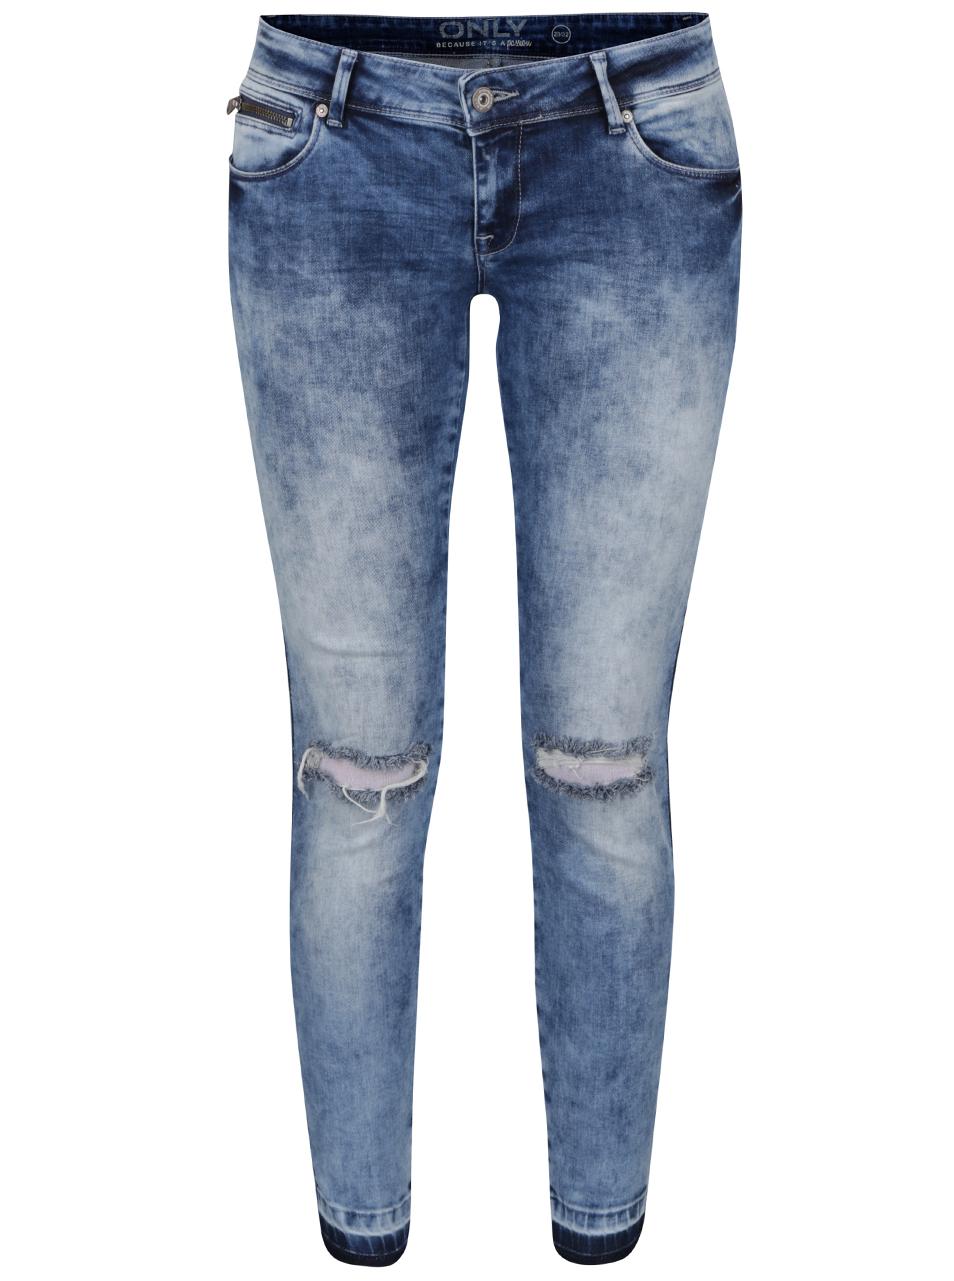 e27e79b1c2f Stylové dámské džíny s dírami na kolenou ve světle modré barvě ONLY